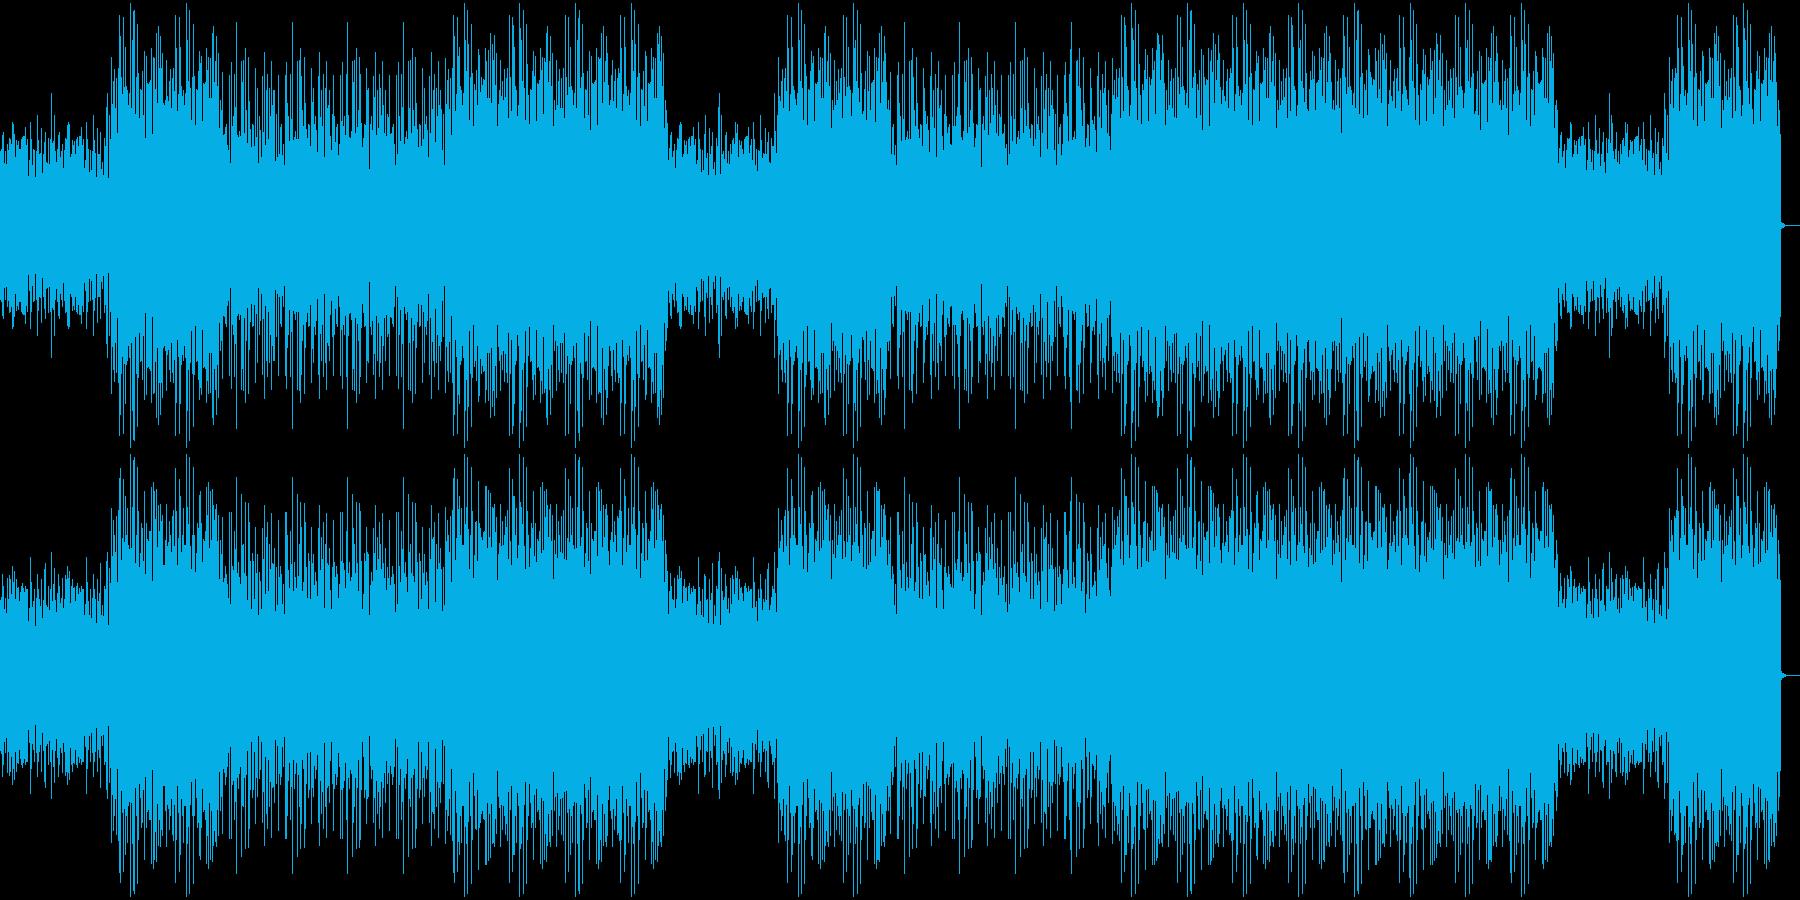 エンディング前の盛り上がる曲の再生済みの波形